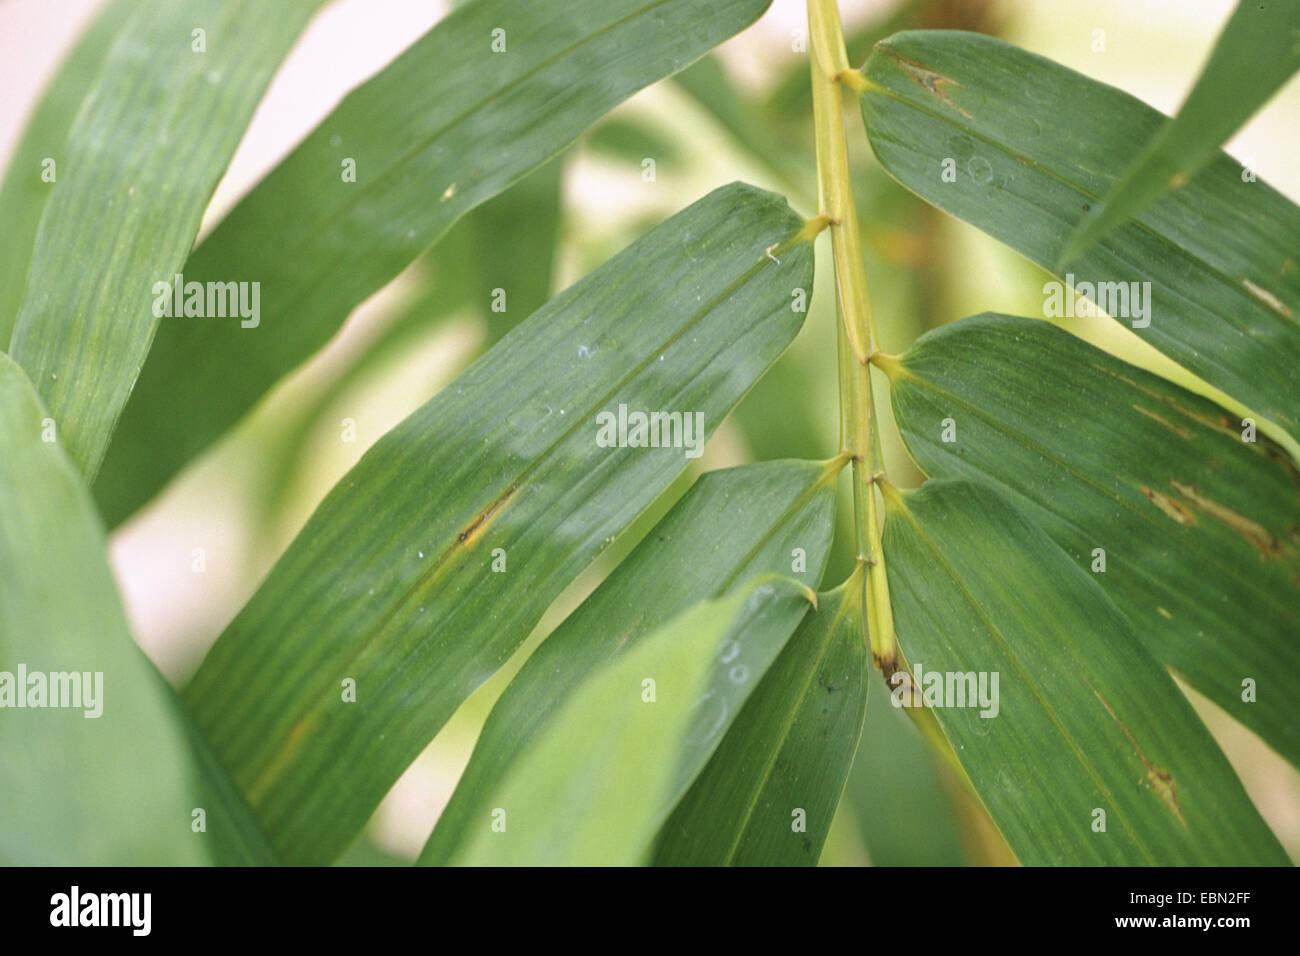 Golden Vivax Bamboo, Vigorous Bamboo (Phyllostachys vivax f. aureocaulis, Phyllostachys vivax 'Aureocaulis', - Stock Image